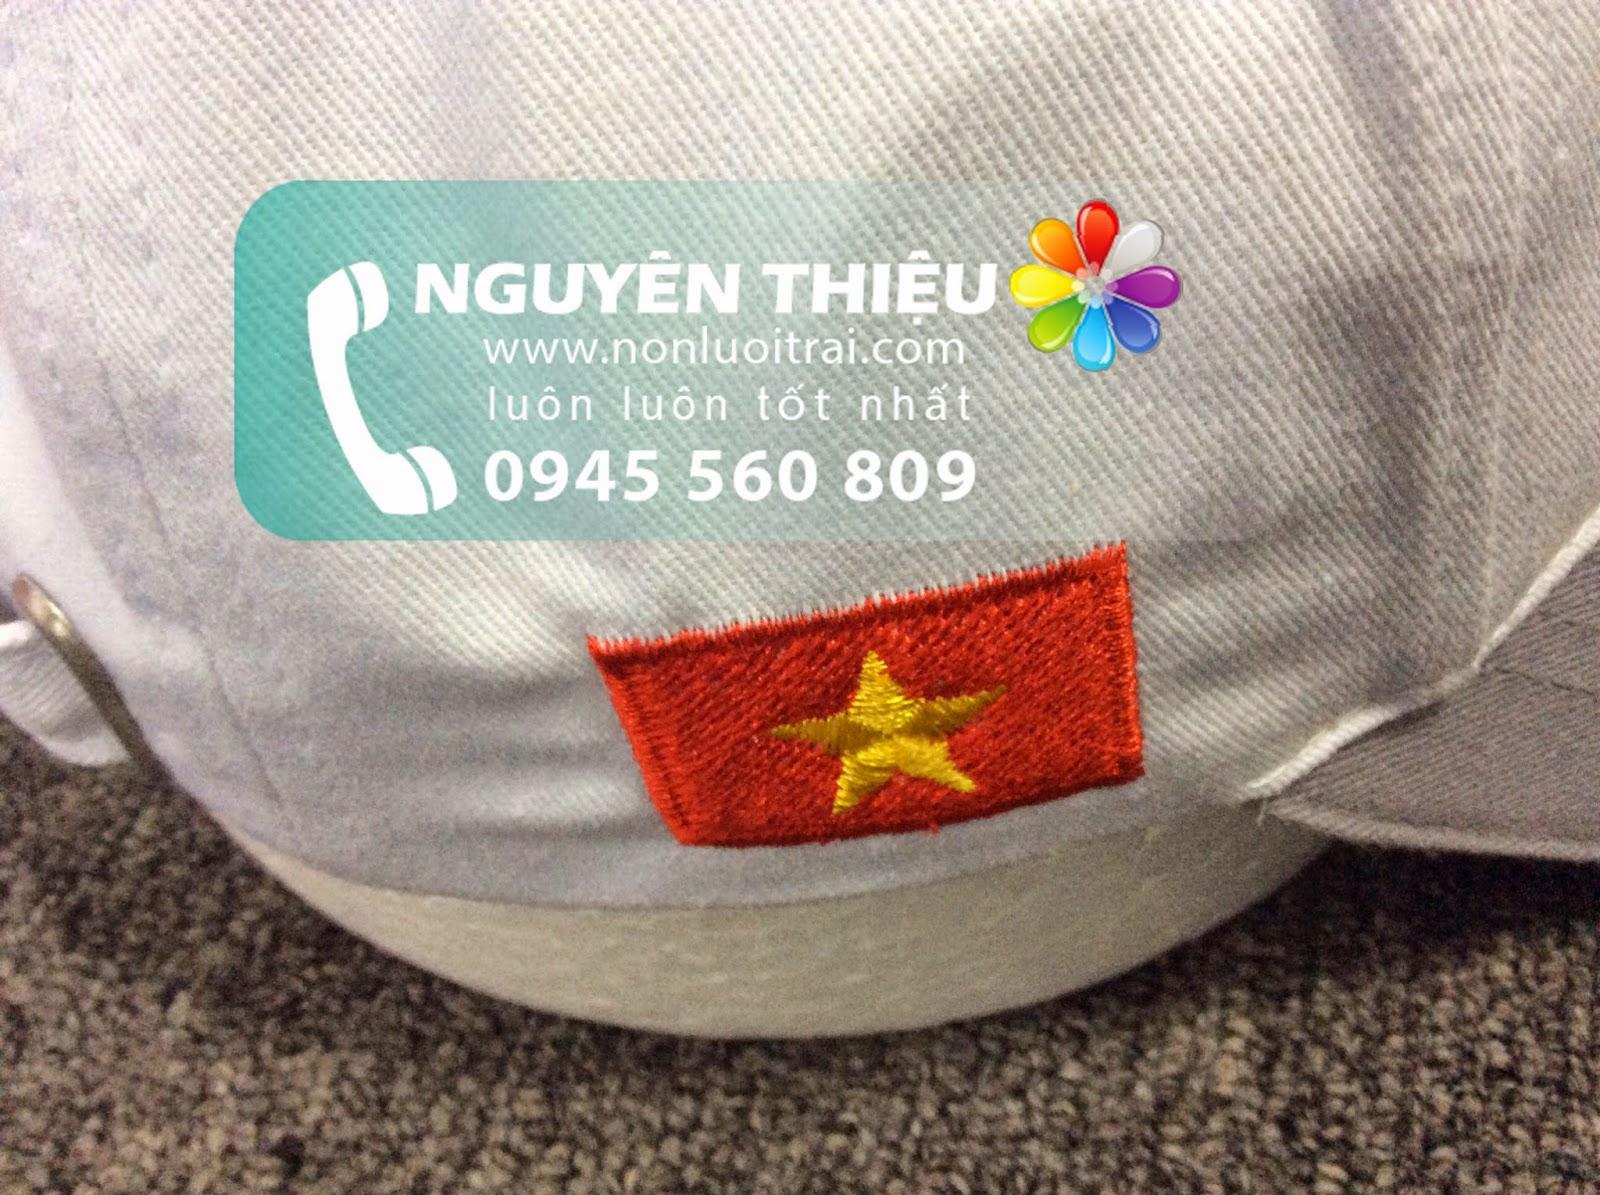 xuong-lam-mu-luoi-trai-0945560809